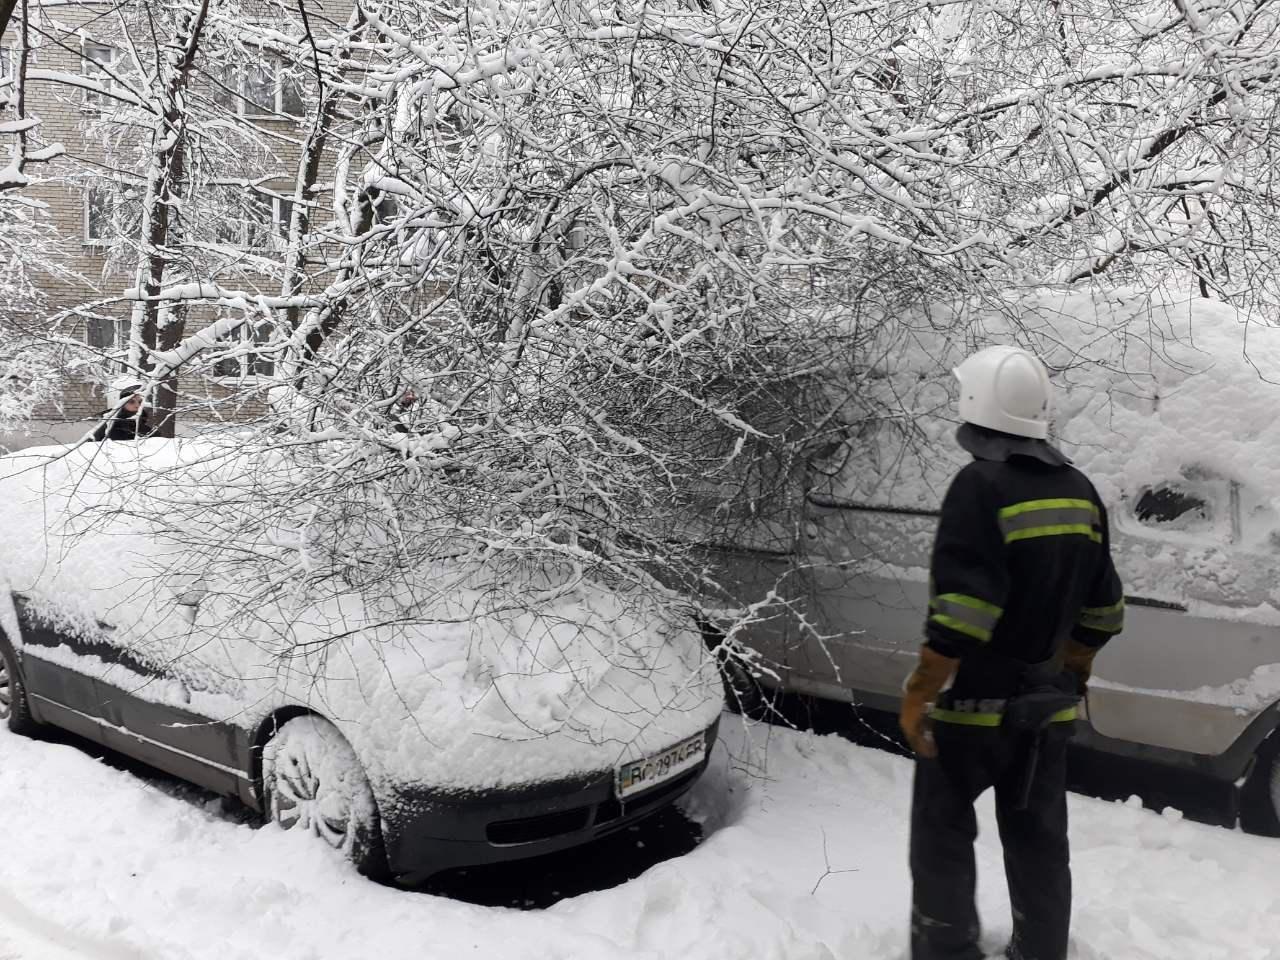 За вихідні у Львові впало близько сотні дерев: є розбиті авто. Фото , фото-1, Фото: ЛМР та ГУ ДСНС Львівщини